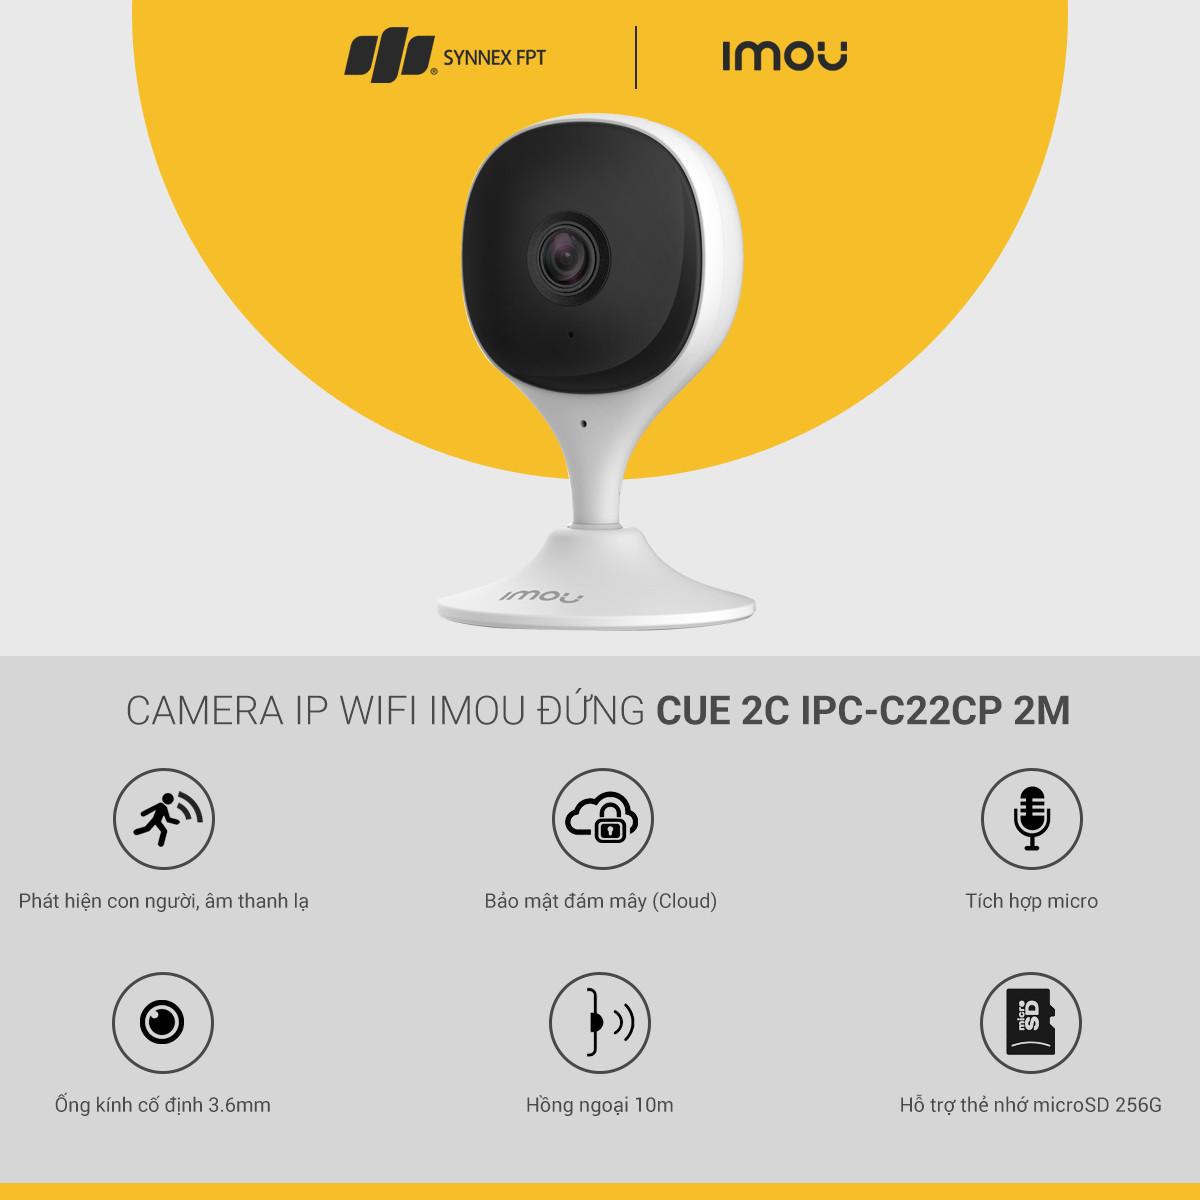 Camera IP WIFI Imou đứng Cue 2C IPC-C22CP 2M, 2Y WTY_IPC-C22CP - Hàng chính hãng